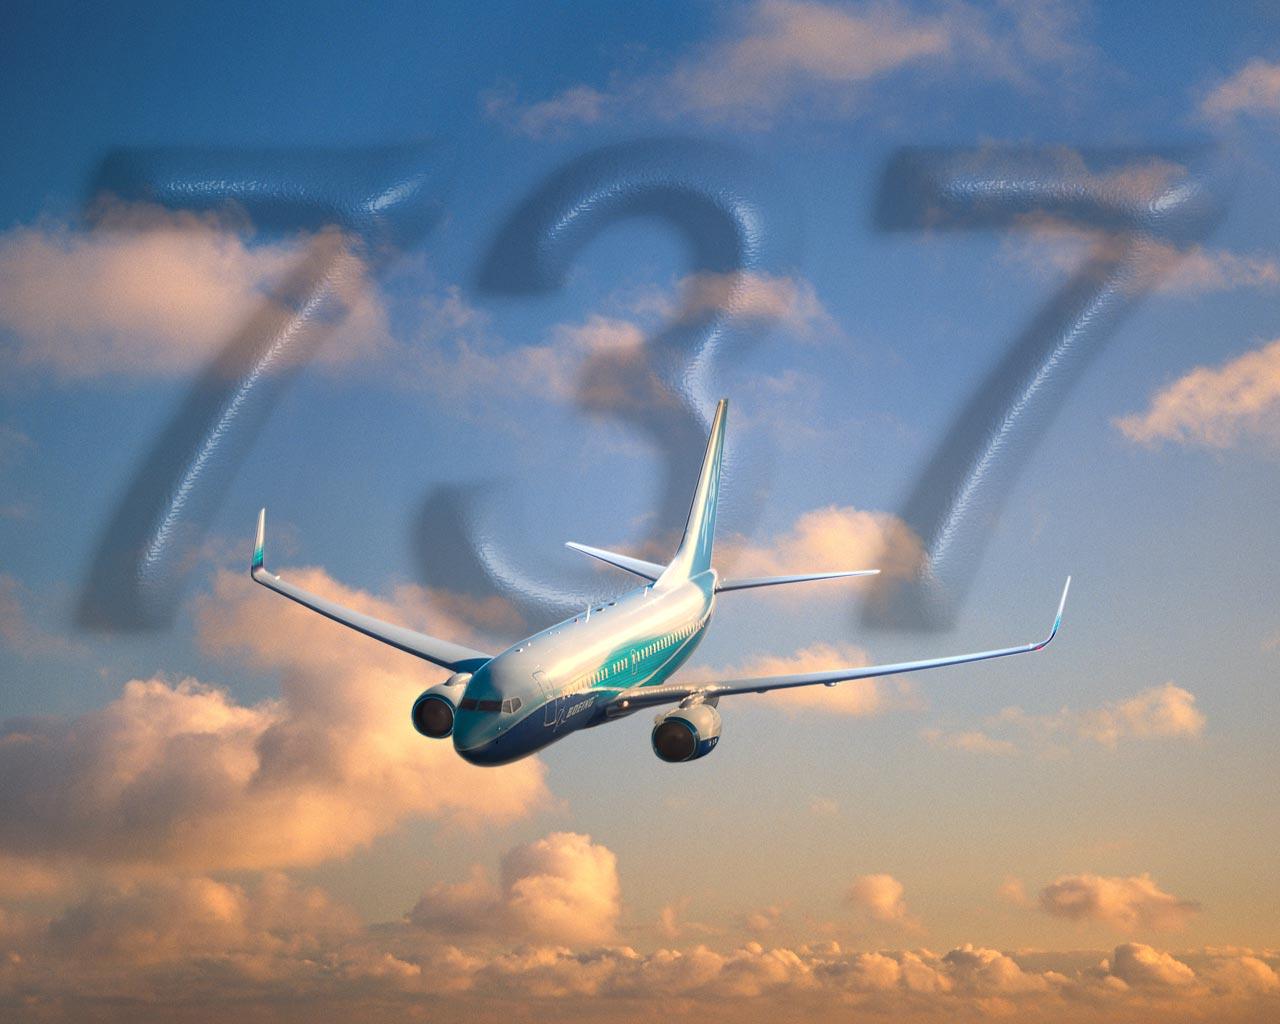 http://3.bp.blogspot.com/-jZO8BKGwAdE/UA5wkx9CKtI/AAAAAAAAH1M/-1WBYmAex_A/s1600/Airplane_aeroplane_aircraft_jet_wallpapers%2B(8).jpg